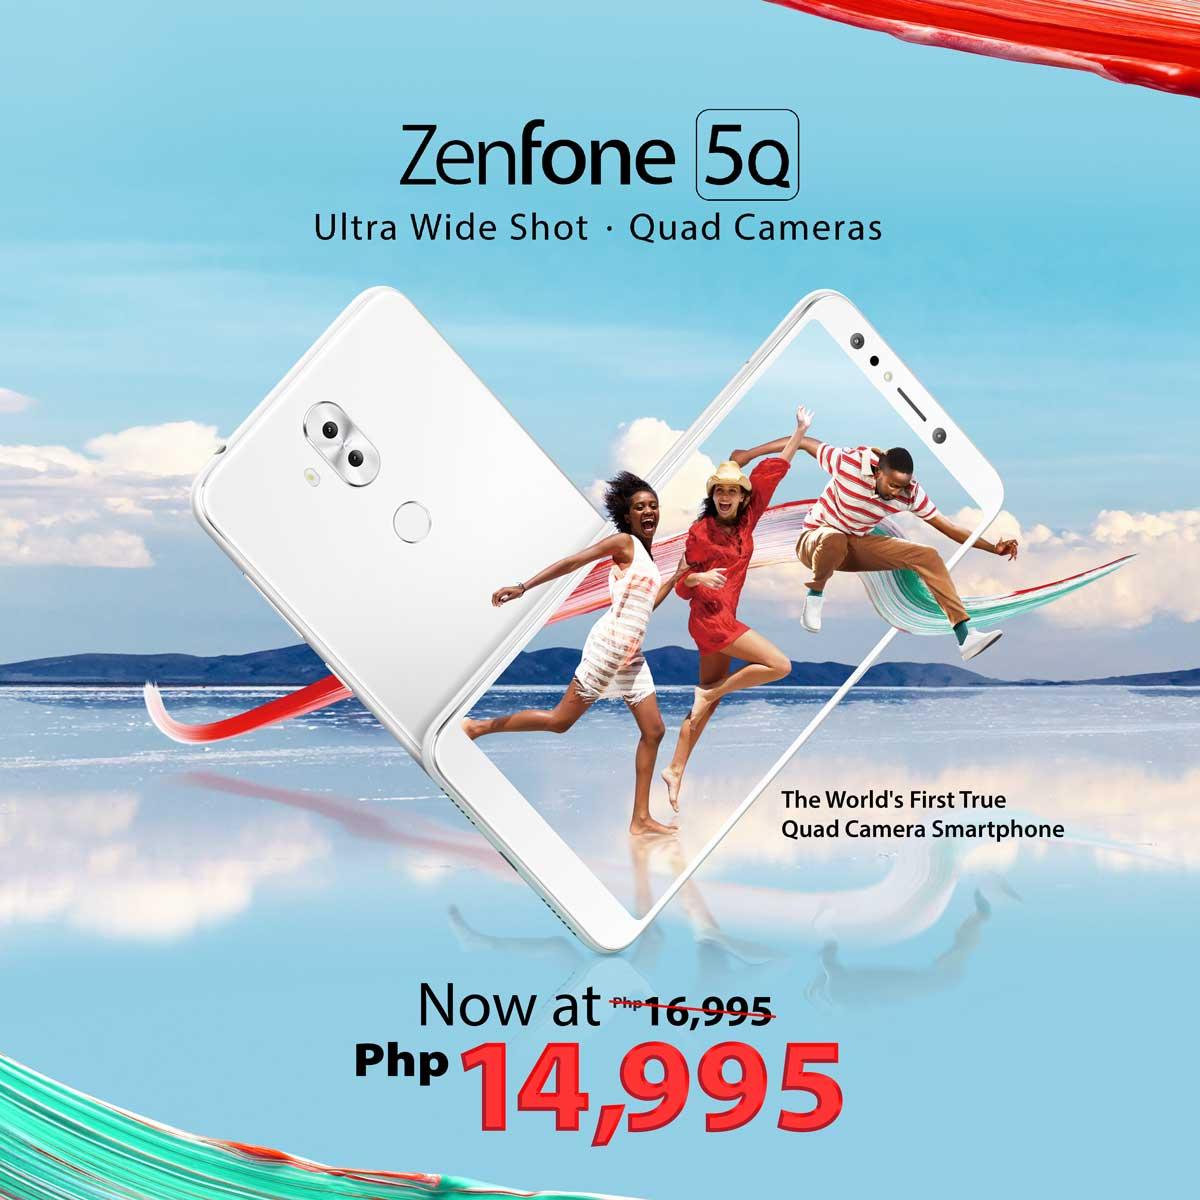 ZenFone Q Price drop